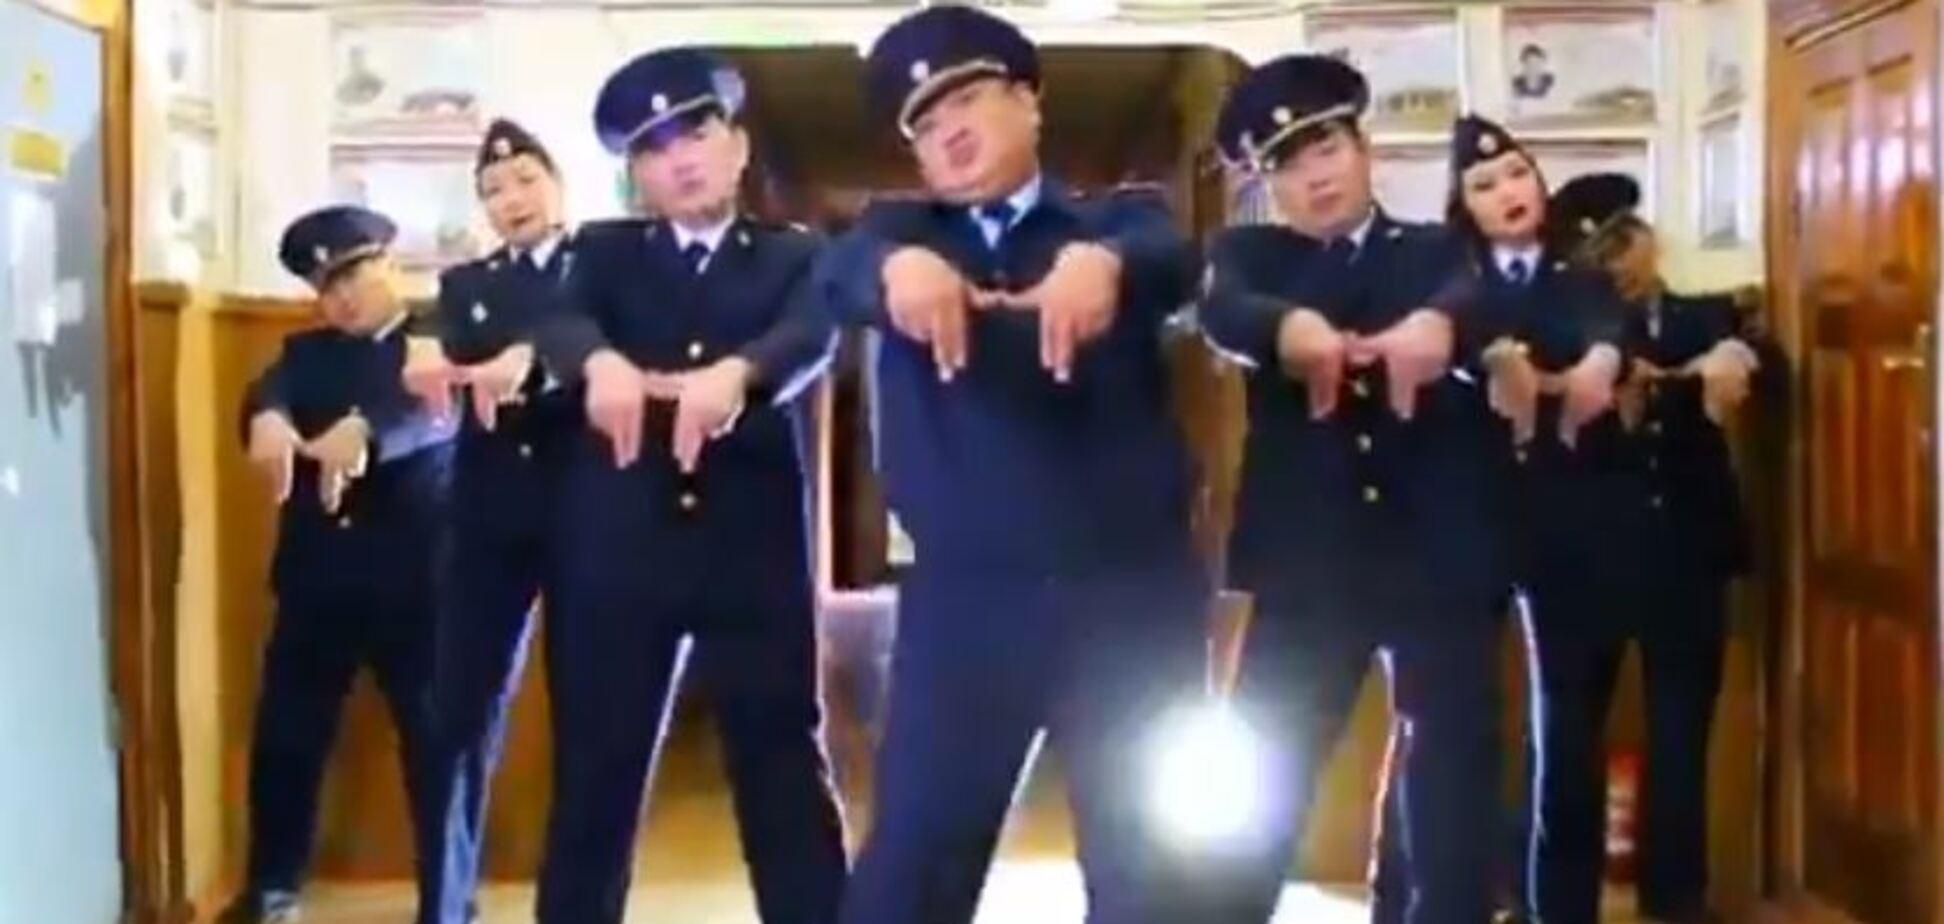 Танец полицейских из Якутии взорвал сеть: появилось неожиданное видео